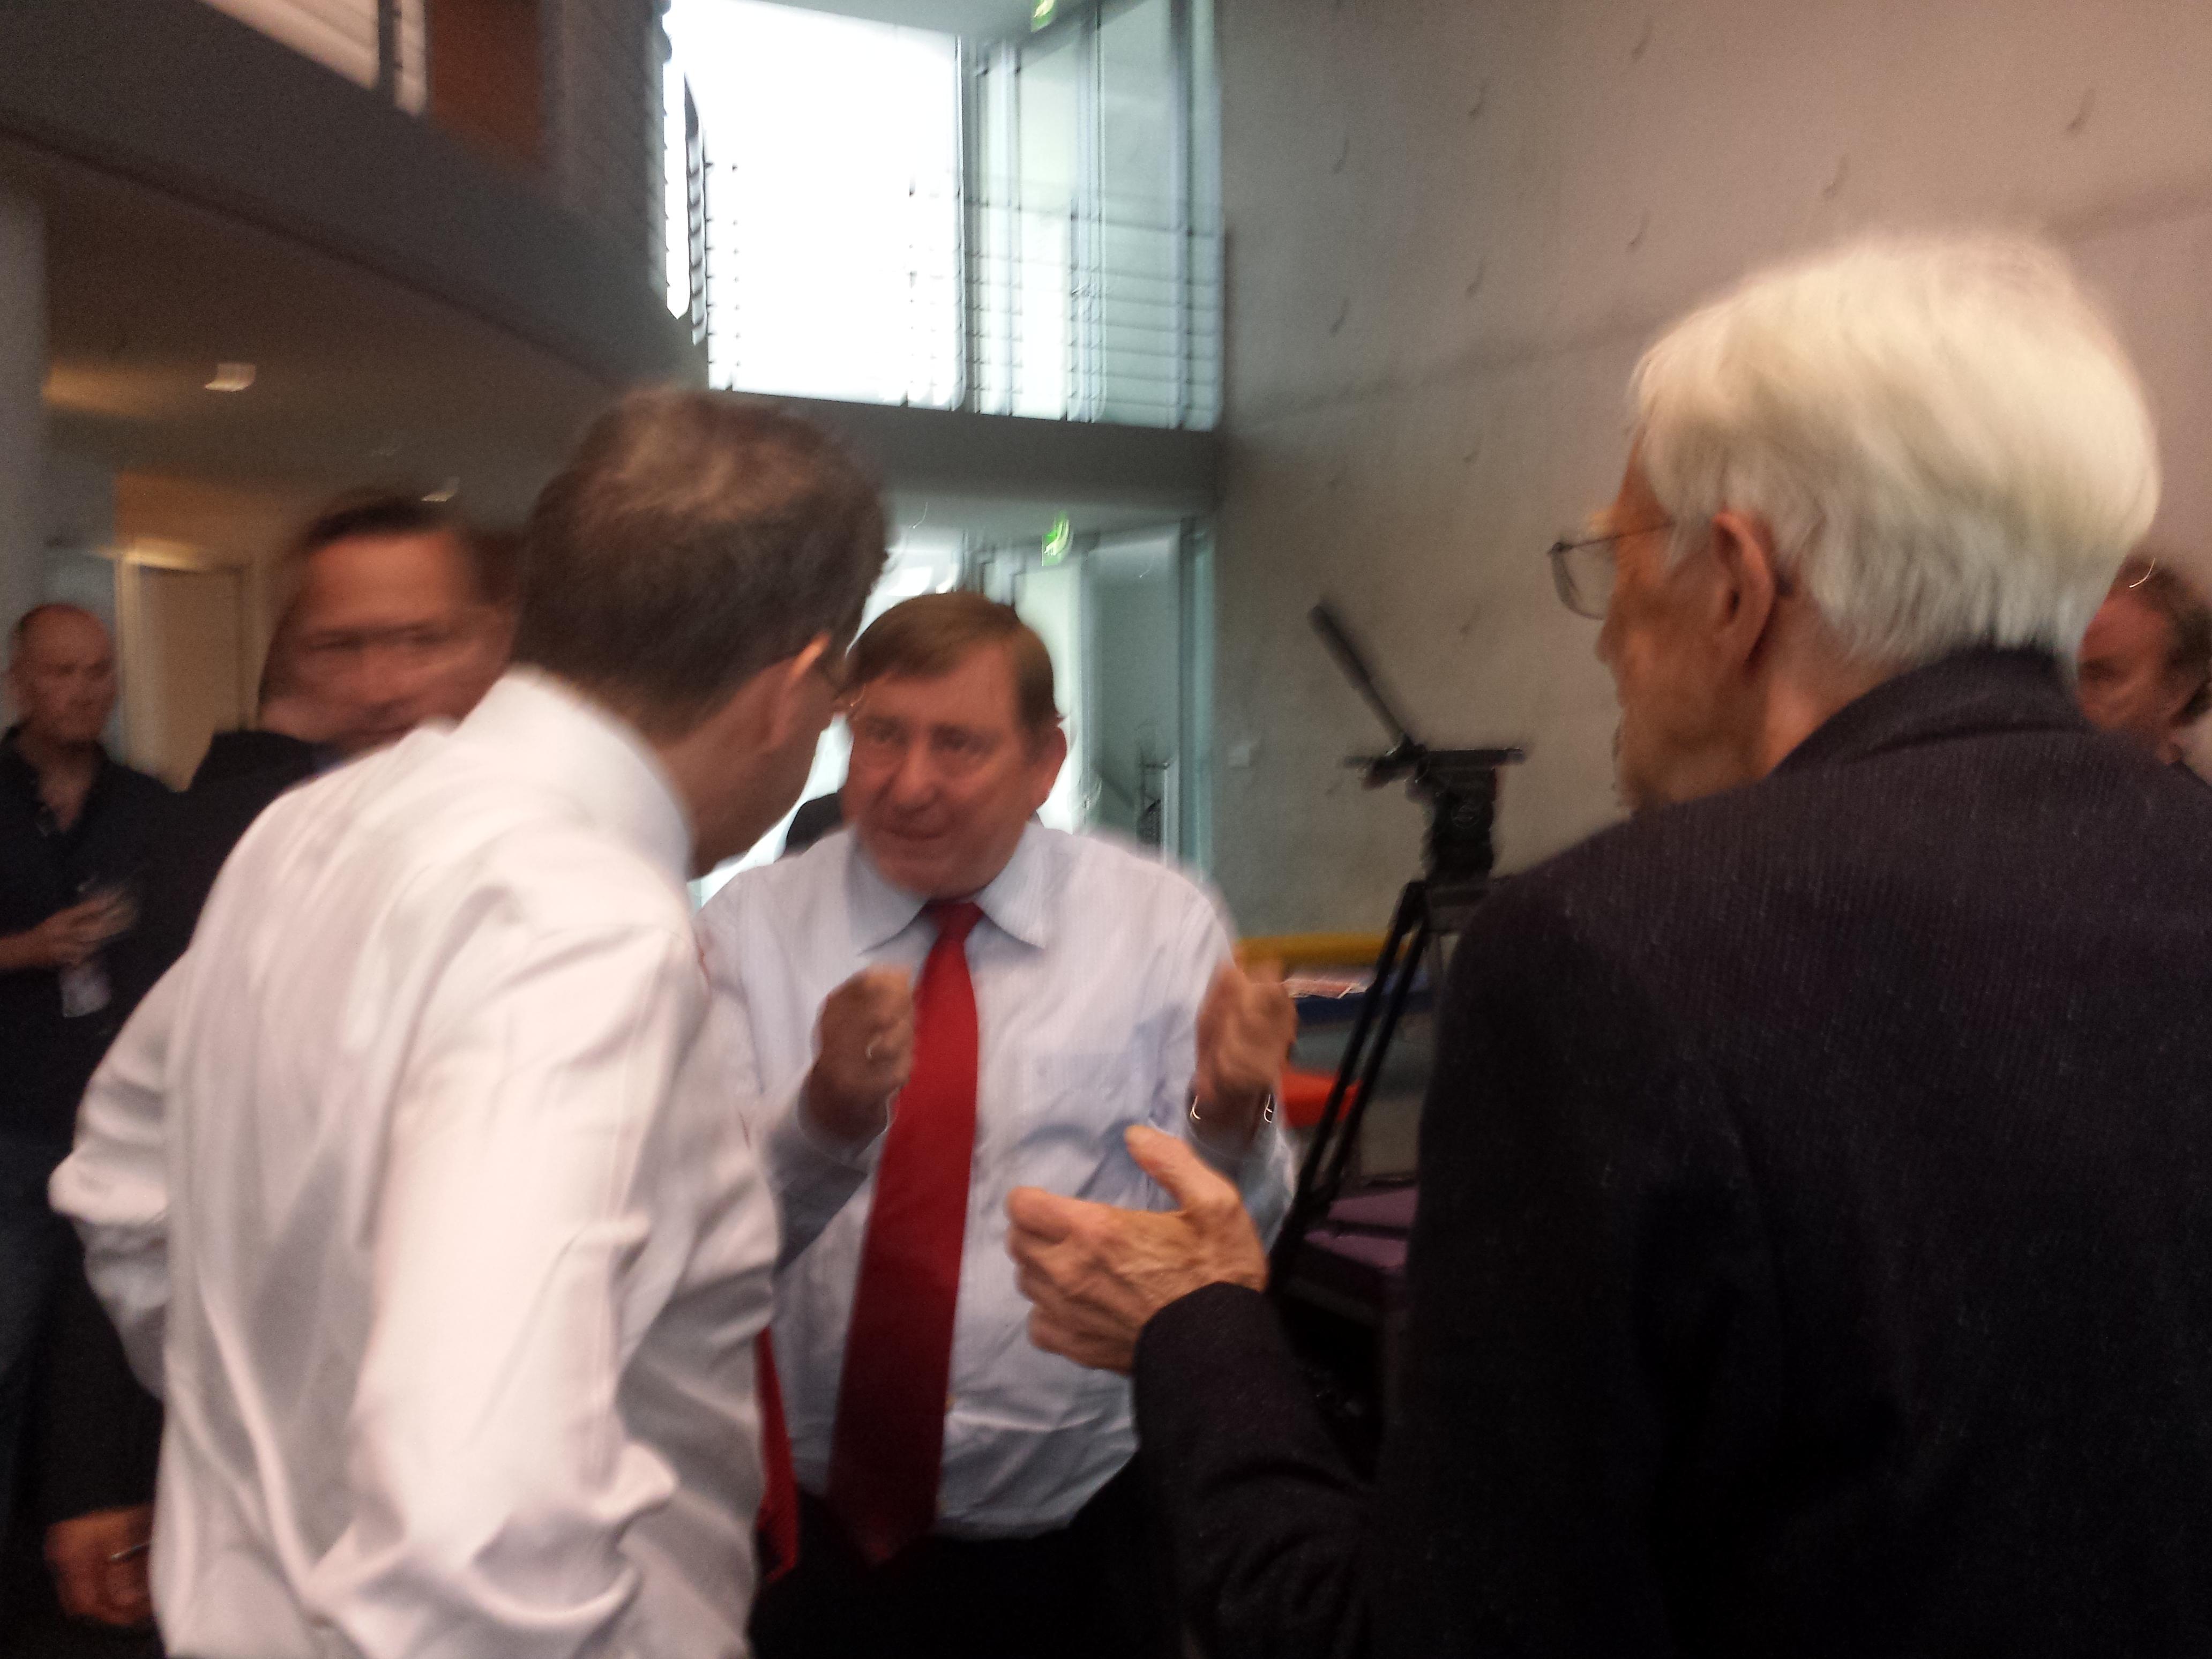 In der Pause vor dem Raum diskutieren Maaßen, Hahn und Ströbele angeregt.